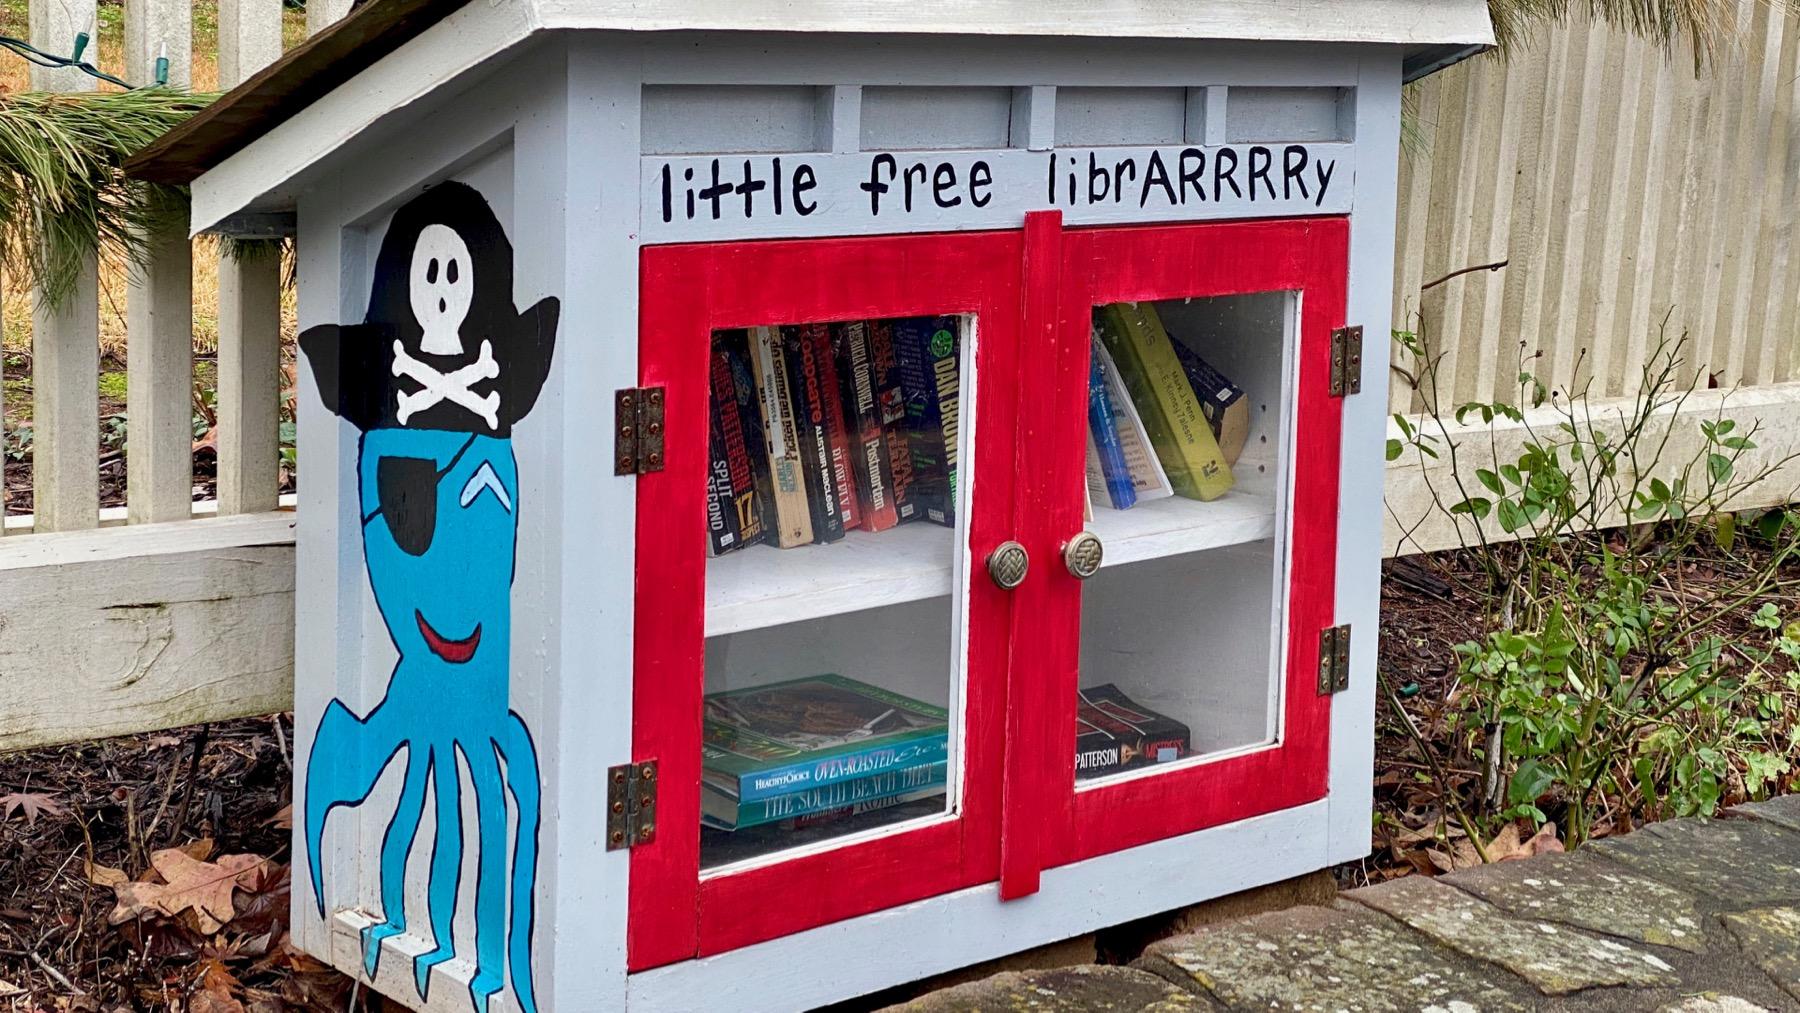 Pirate free libe